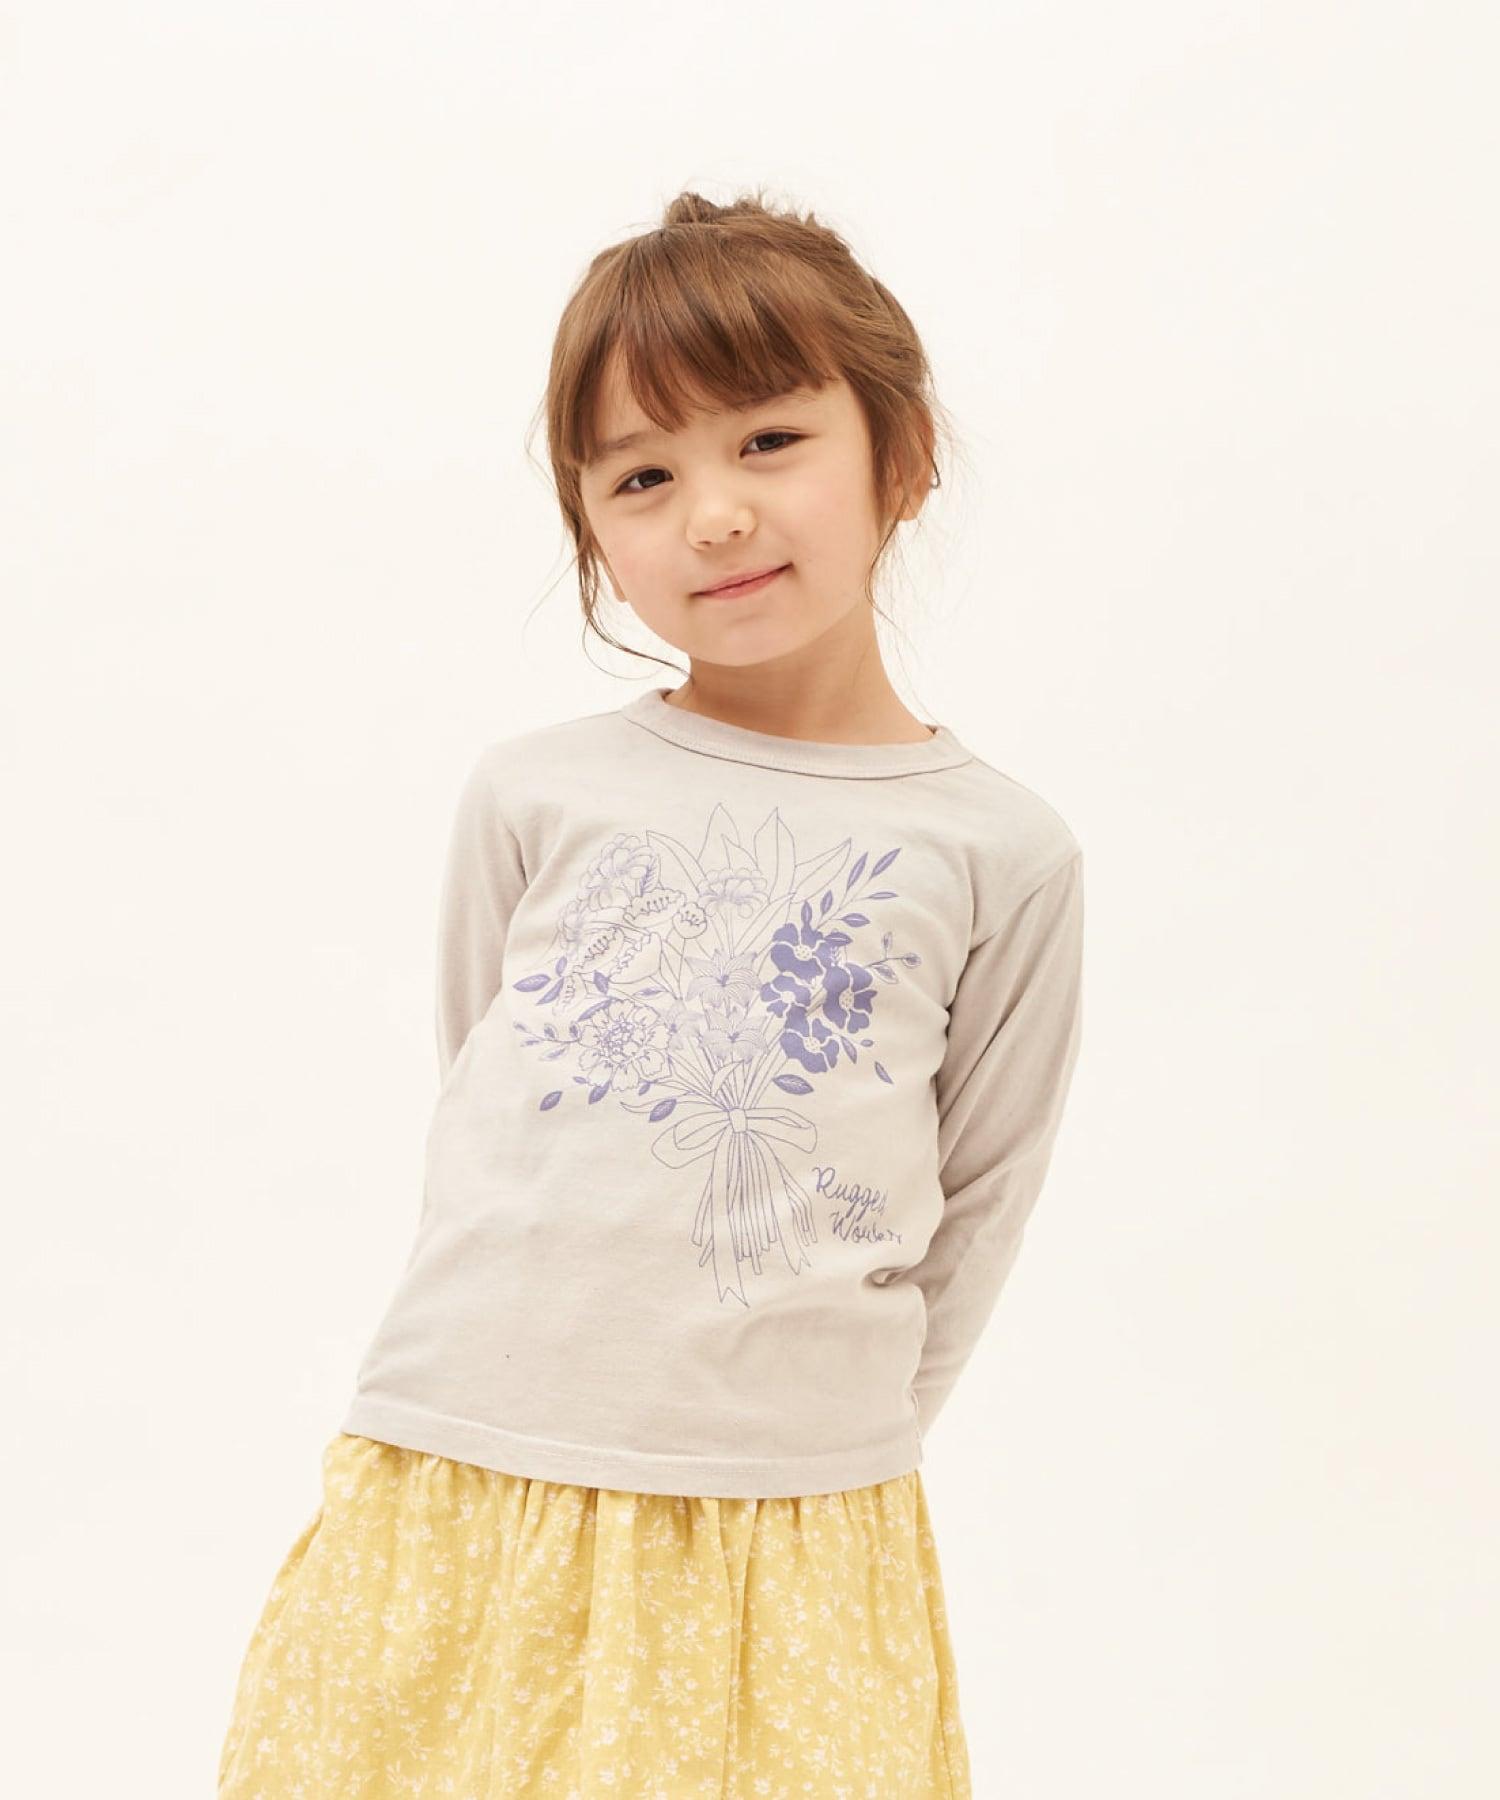 ブーケプリントロングTシャツ(日本製)